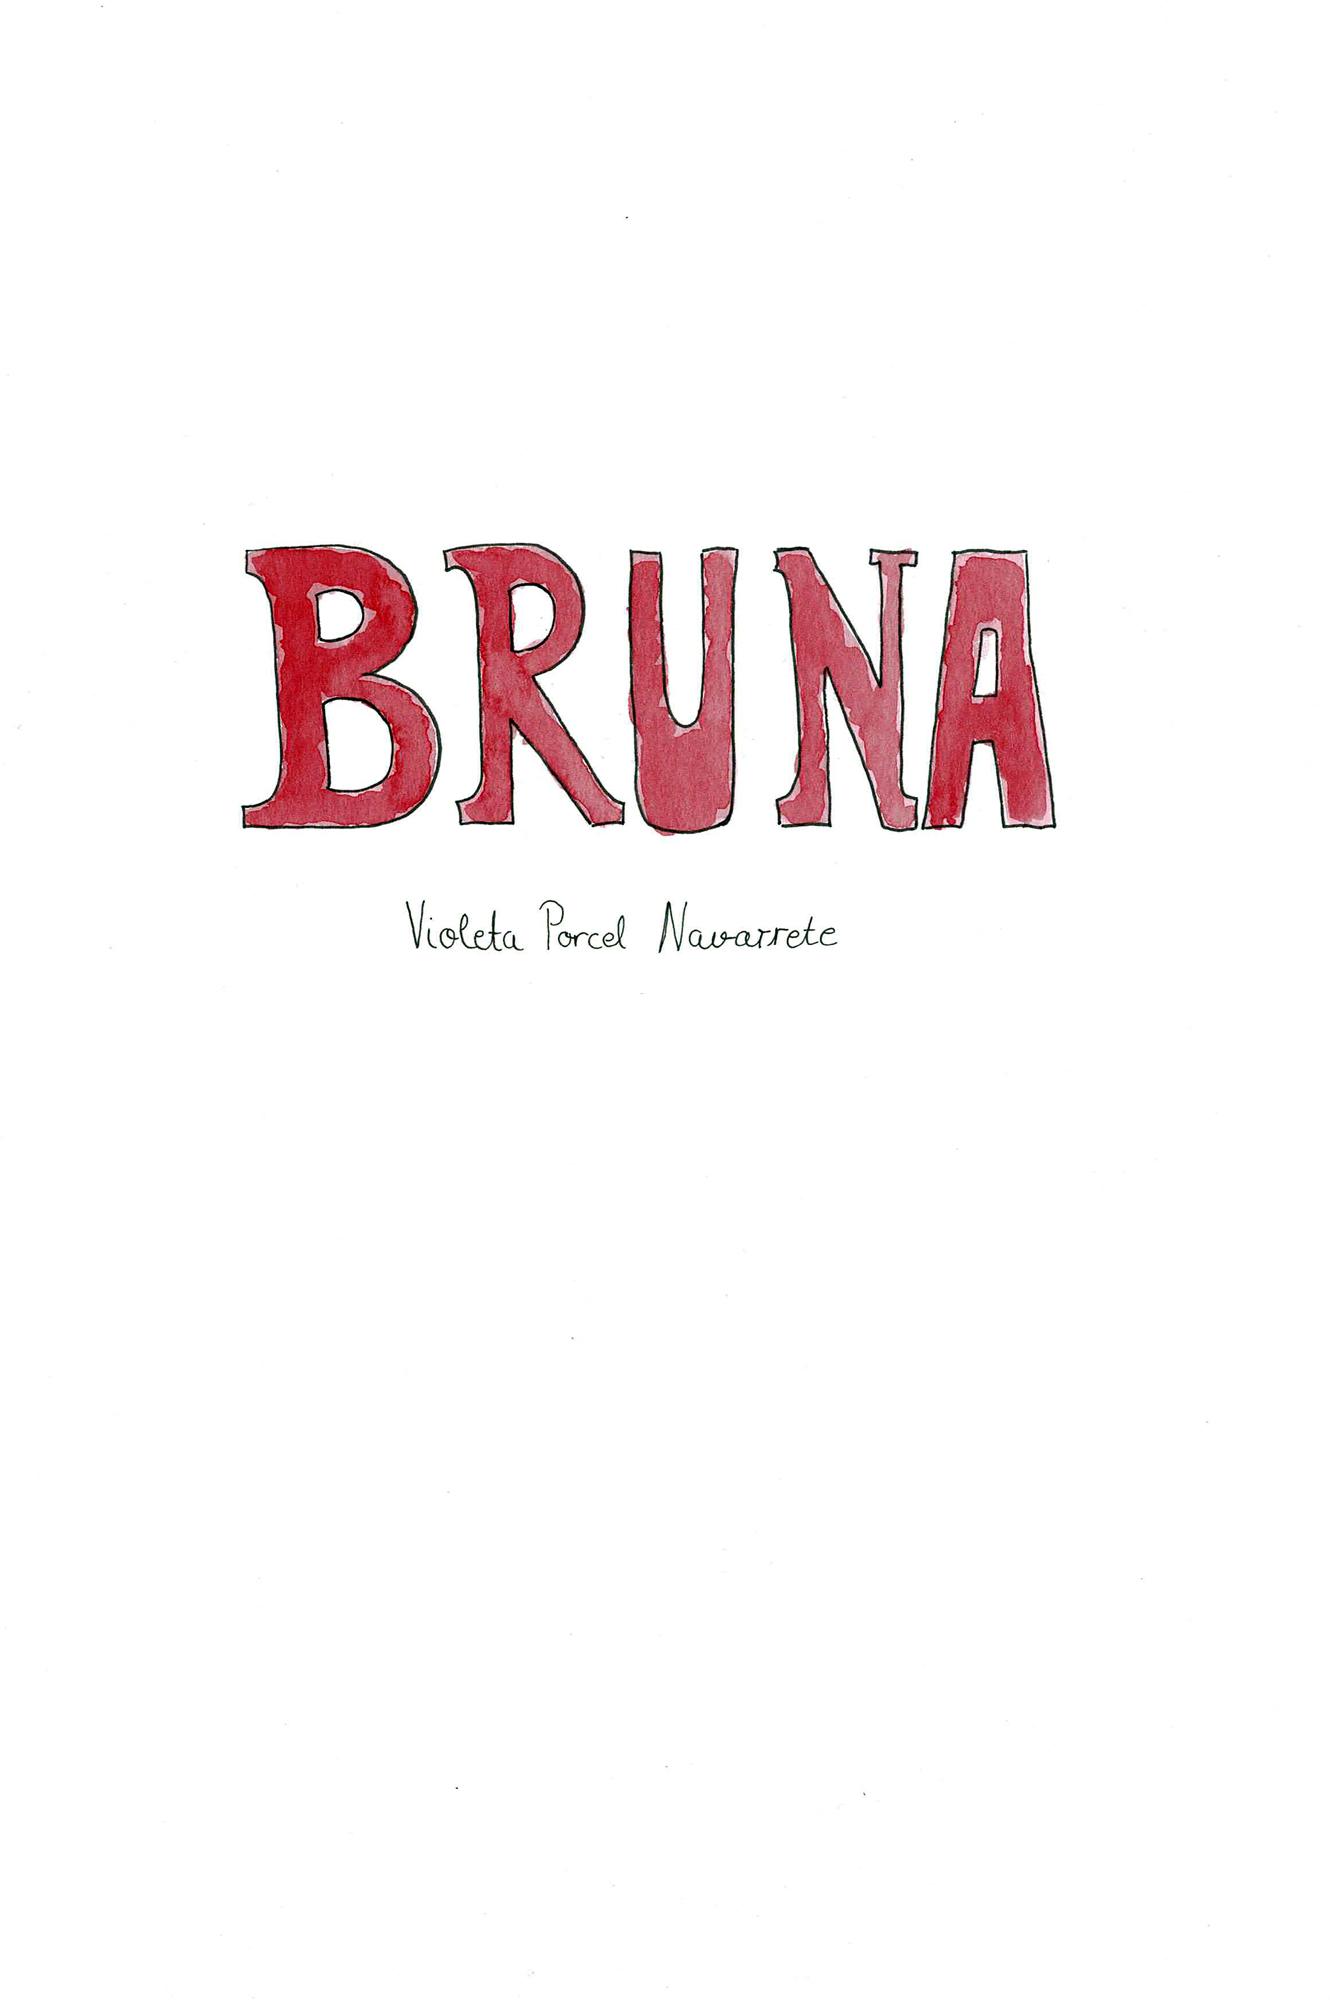 Bruna_Violeta_Porcel_01